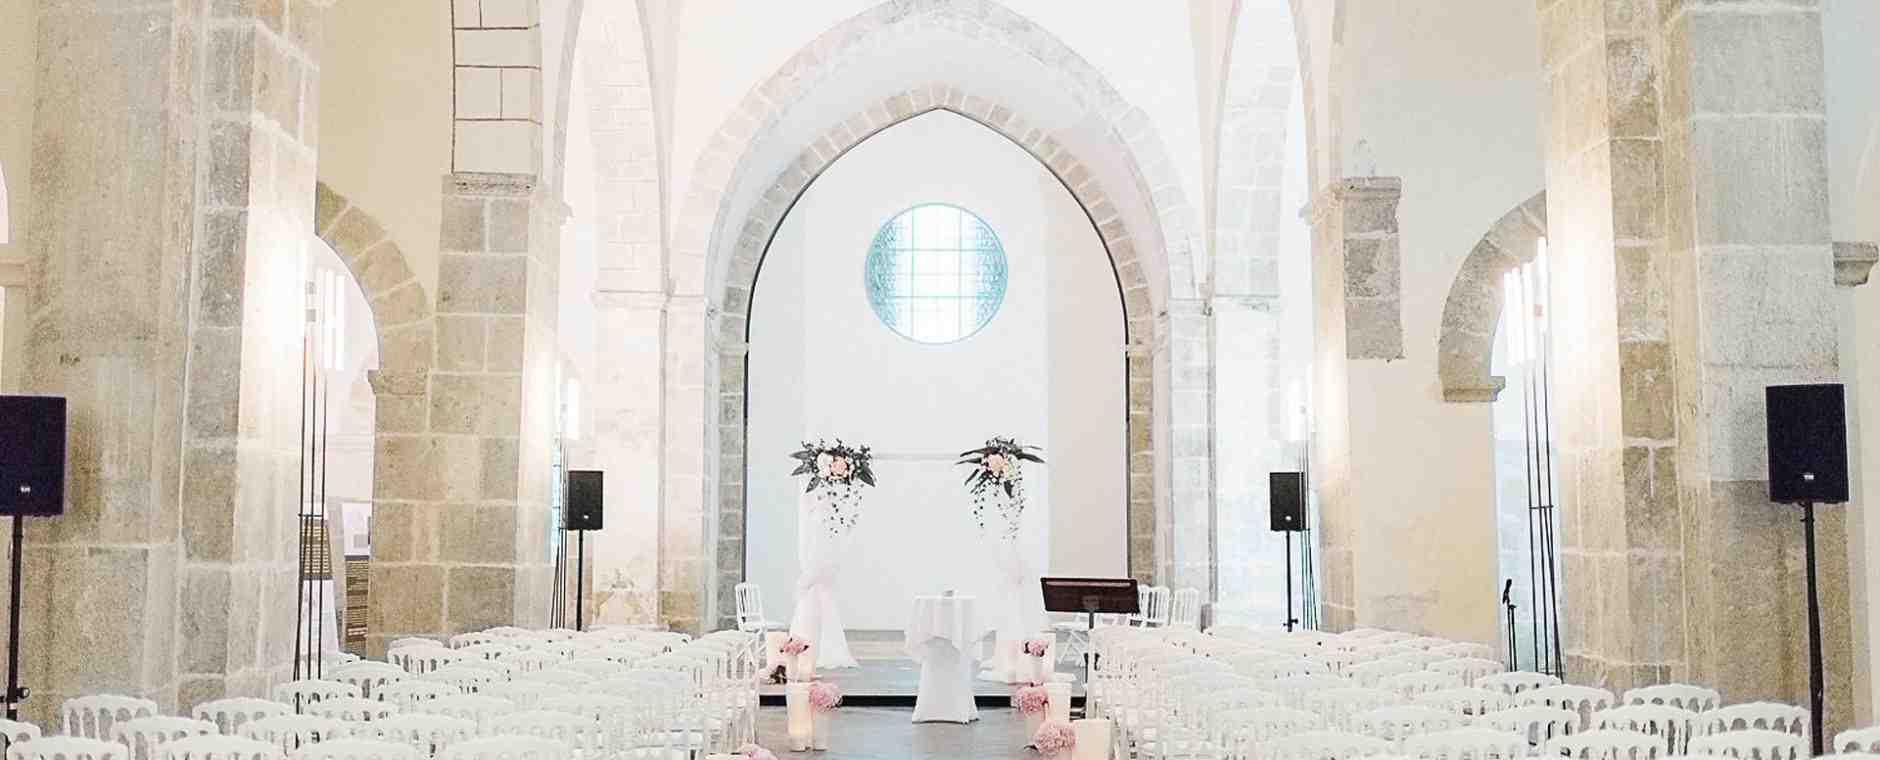 Quelles sont les conditions pour se marier à l'église?